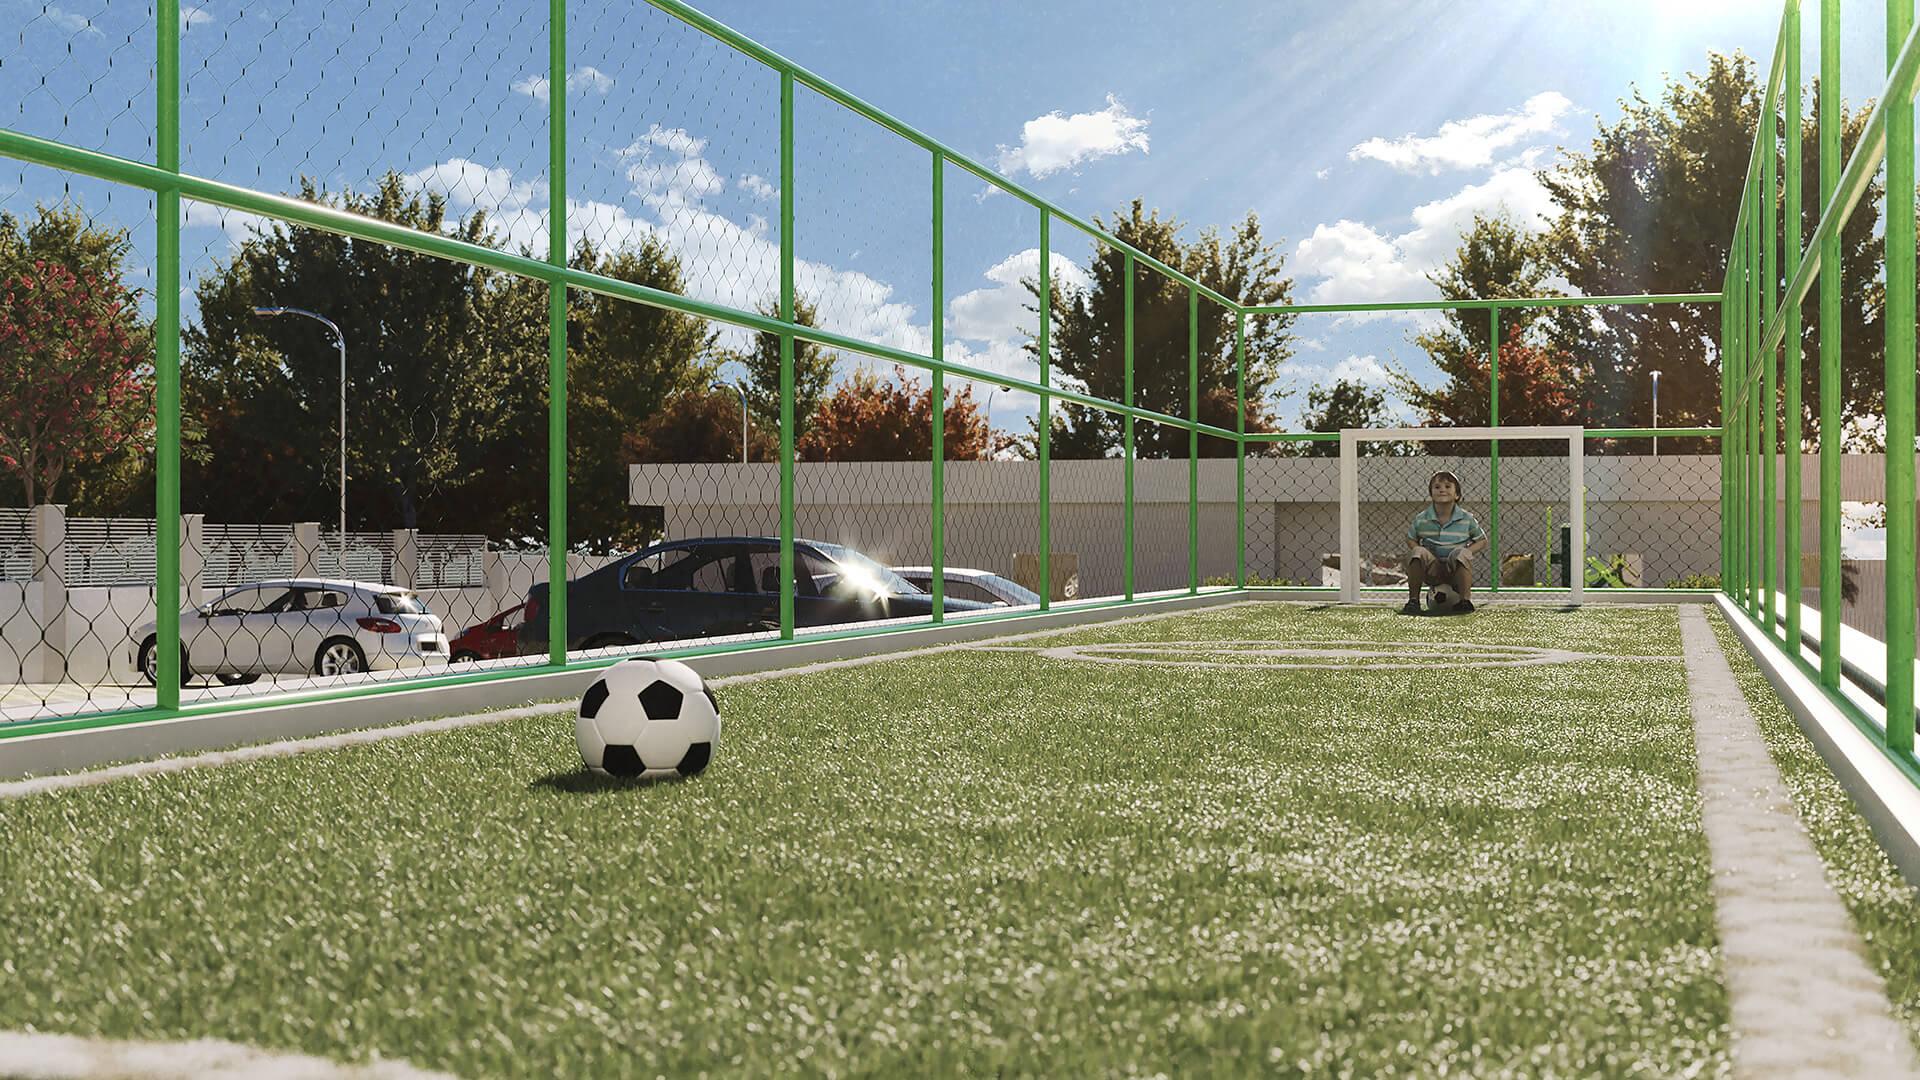 campinho de futebol - Park Karaiba